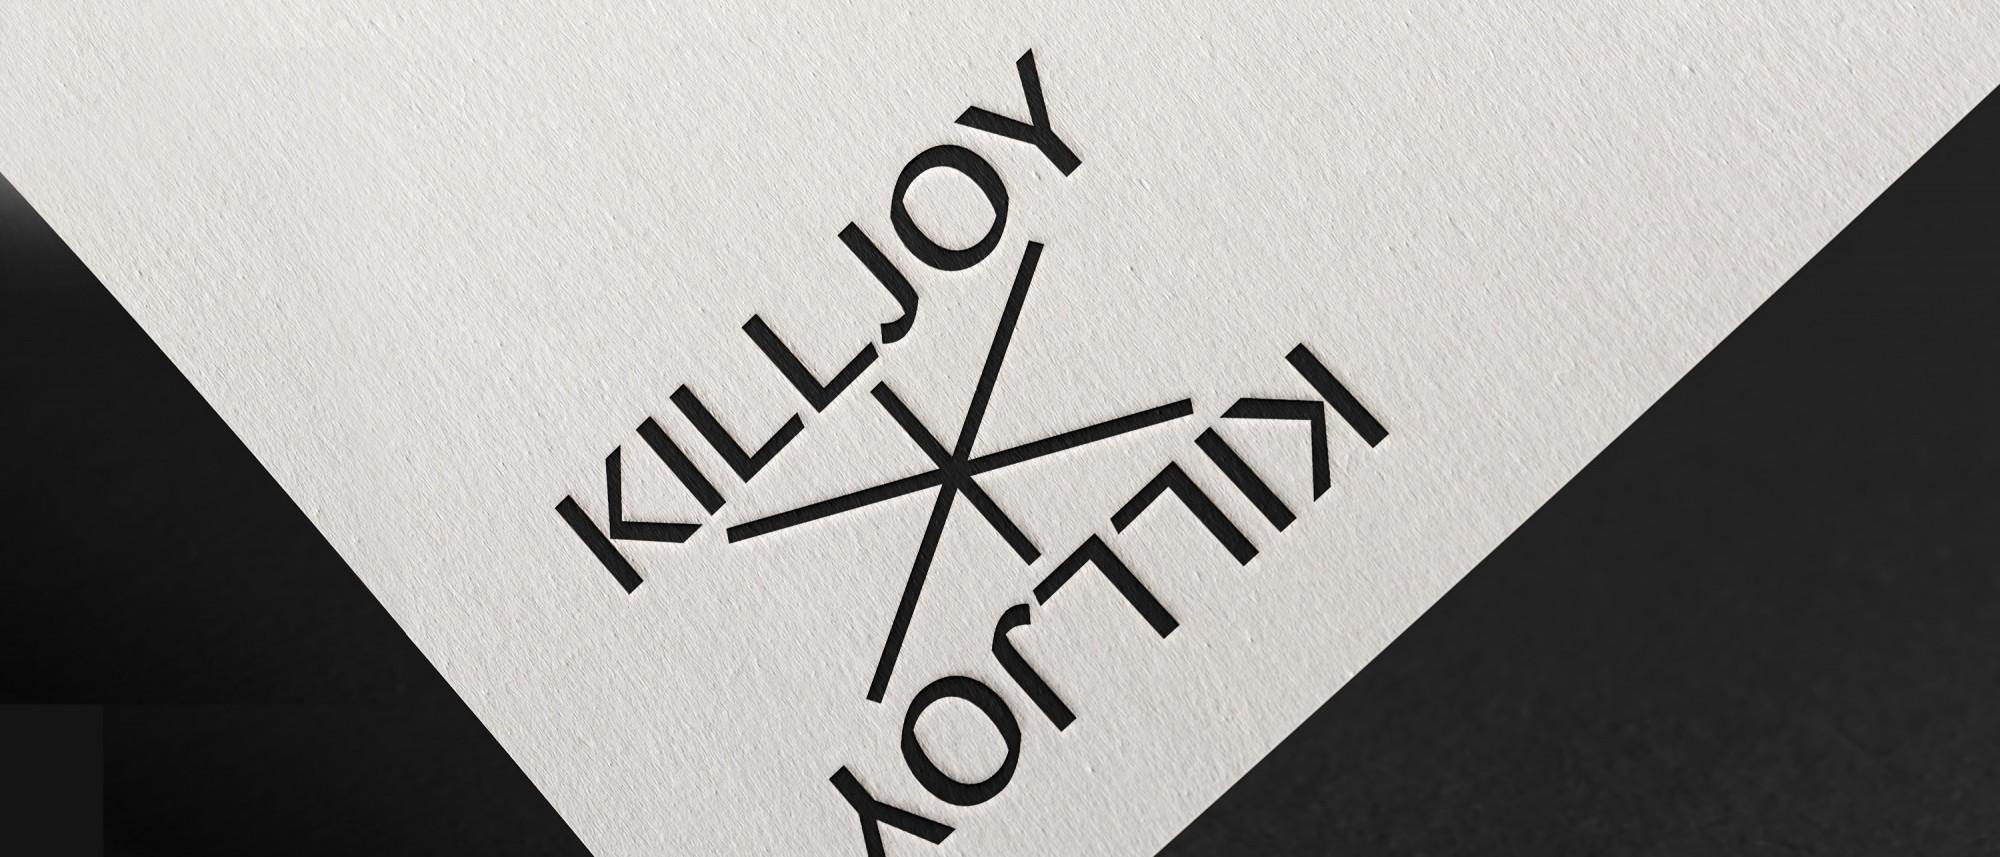 - killjoy-mockup-paper-21-9.jpg